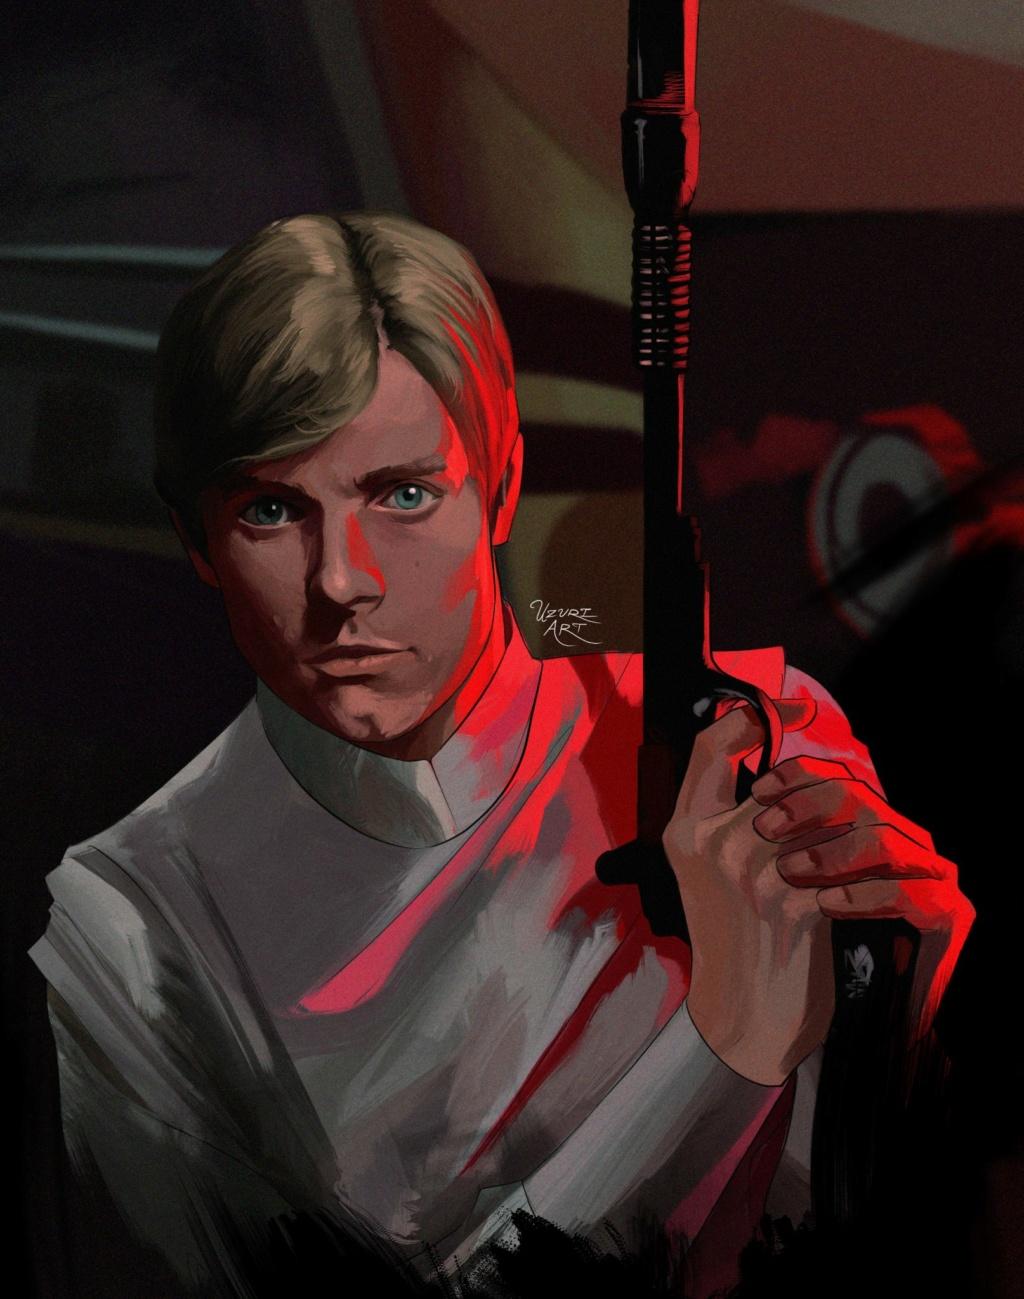 Digital Art par UZURI ART - Star Wars - Page 3 Uzuri_81